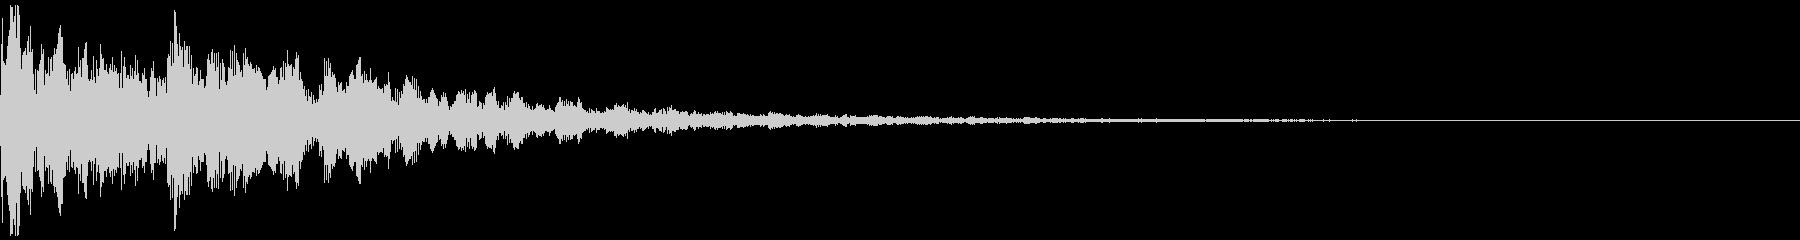 シネマティックインパクトFX・衝撃02の未再生の波形